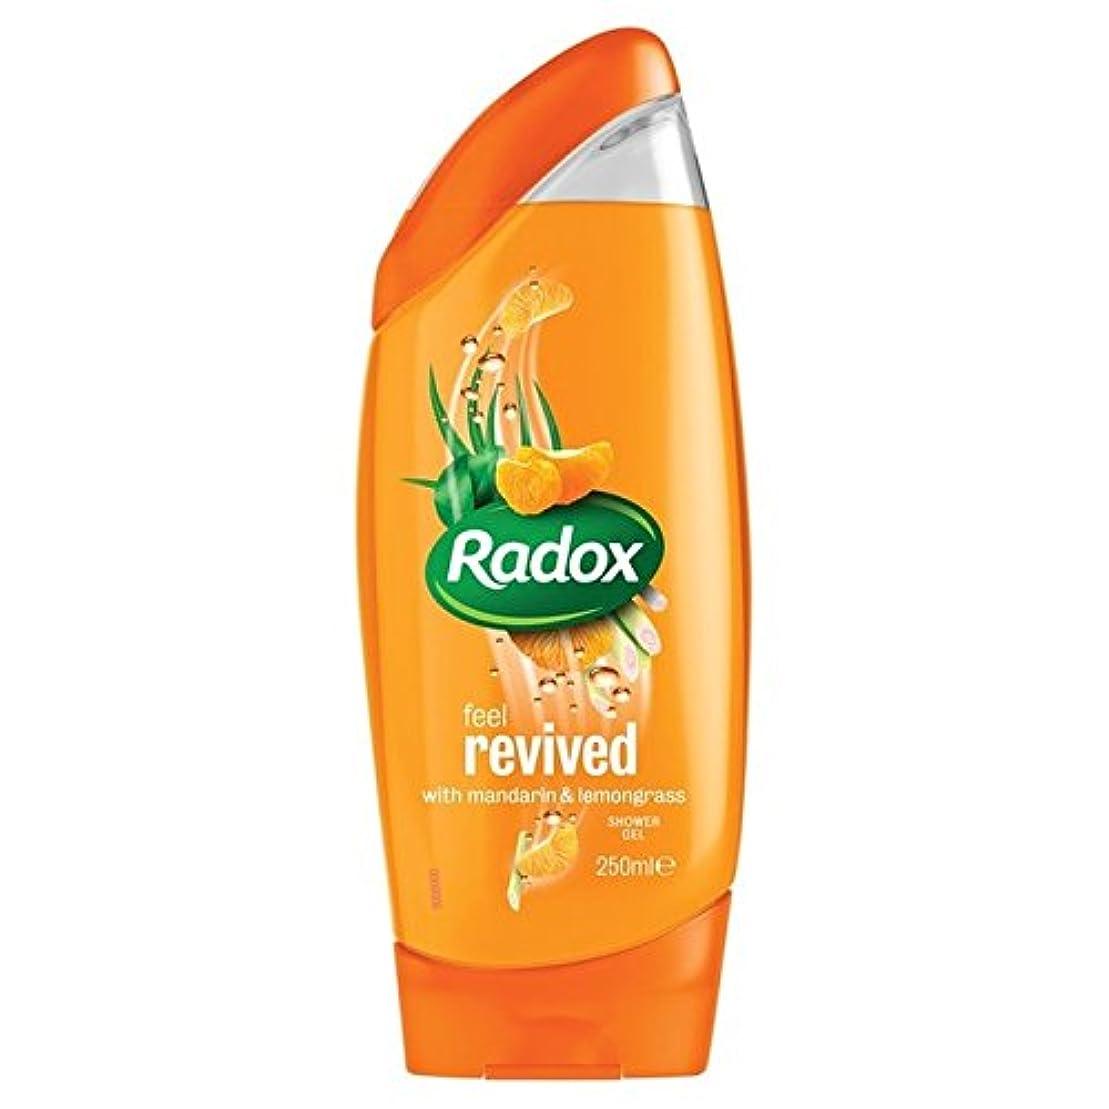 発疹冷笑するセラーのみかんは、シャワージェル250ミリリットルを復活させます x4 - Radox Mandarin Revive Shower Gel 250ml (Pack of 4) [並行輸入品]